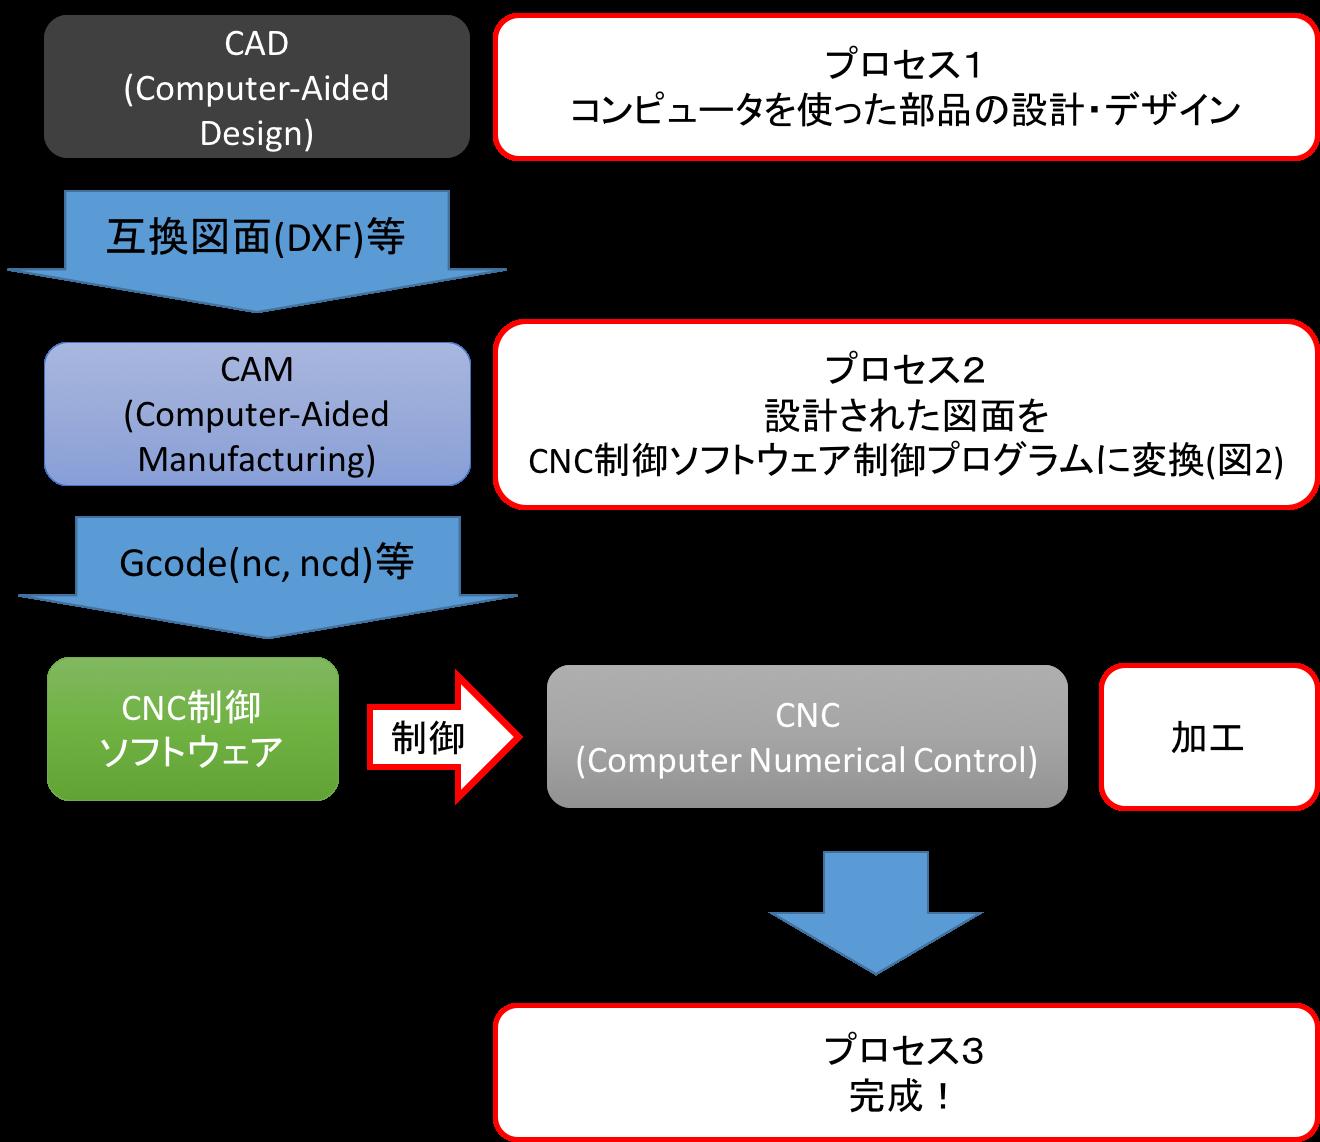 第1回]AutoCAD+Cut2D+USBCNCで時代の波に乗る : Yunit-tech